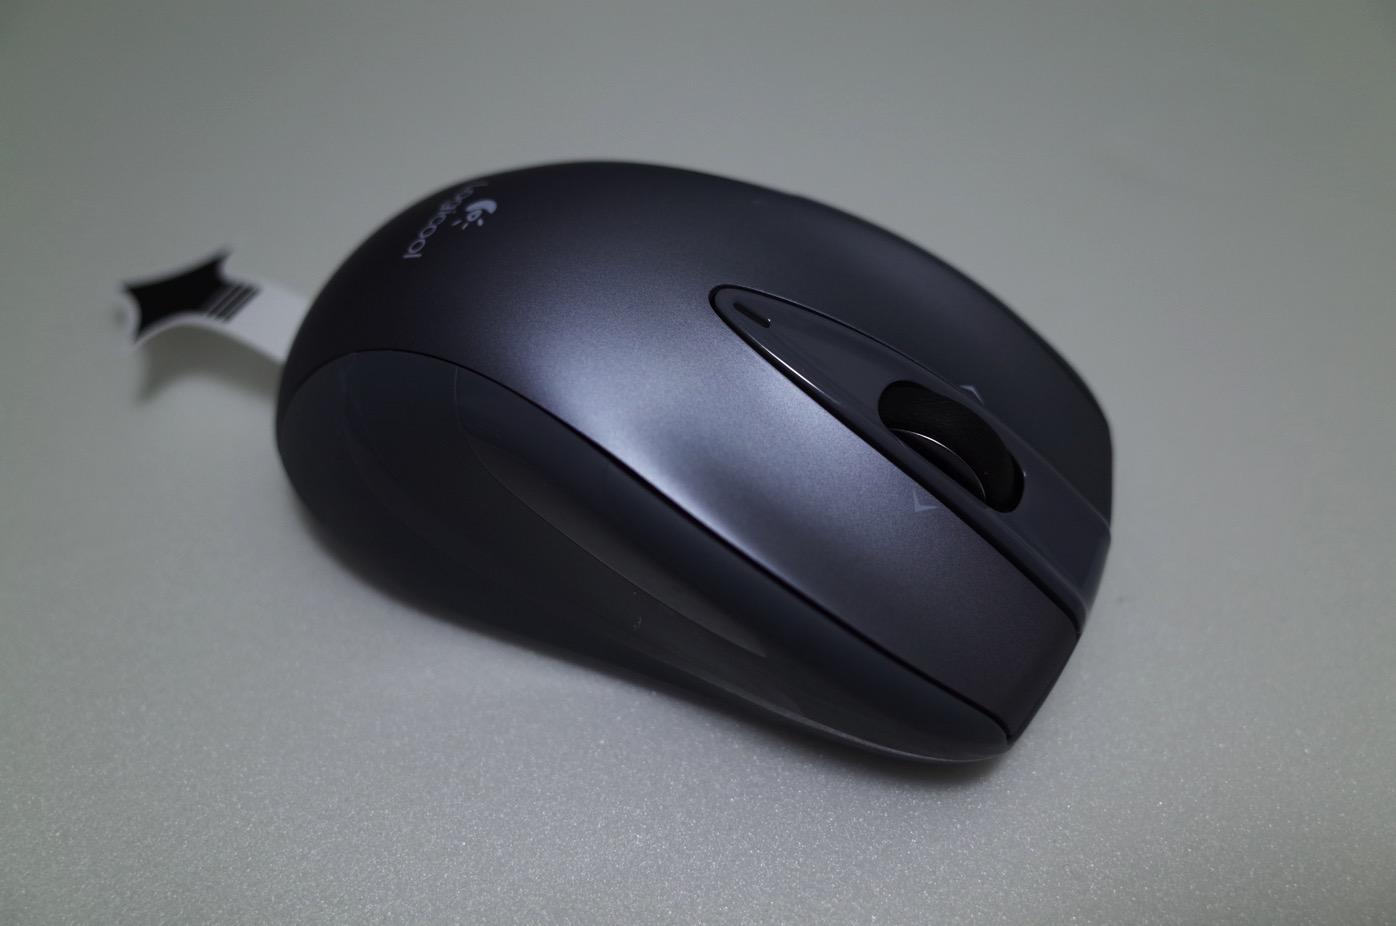 Logicool ロジクール ワイヤレスマウス シルバー M545SV-9